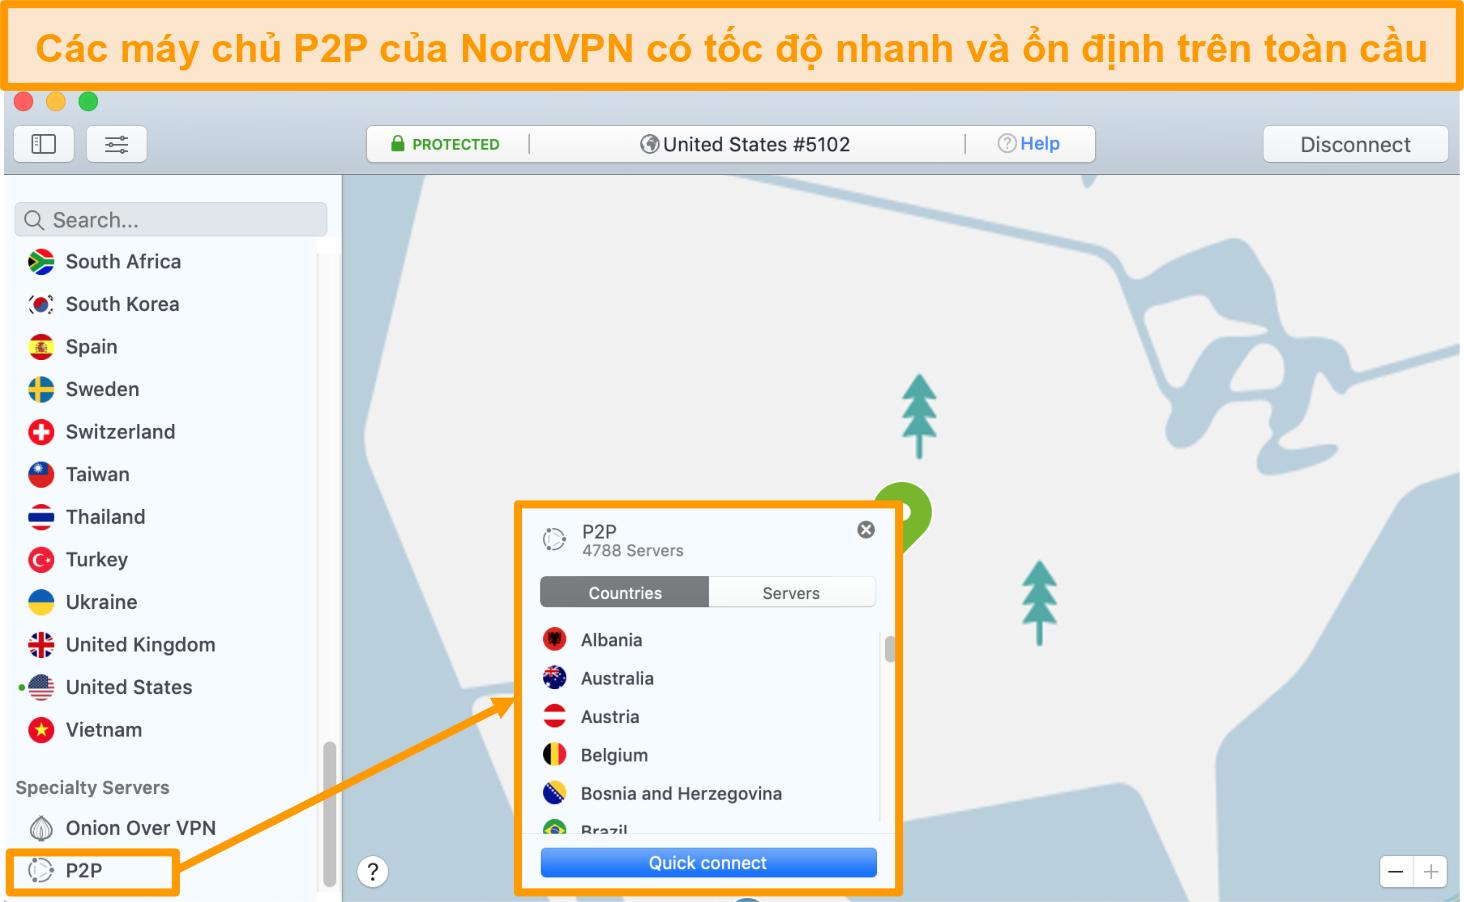 Ảnh chụp màn hình của tính năng Kết nối nhanh NordVPN cho các máy chủ P2P của bạn